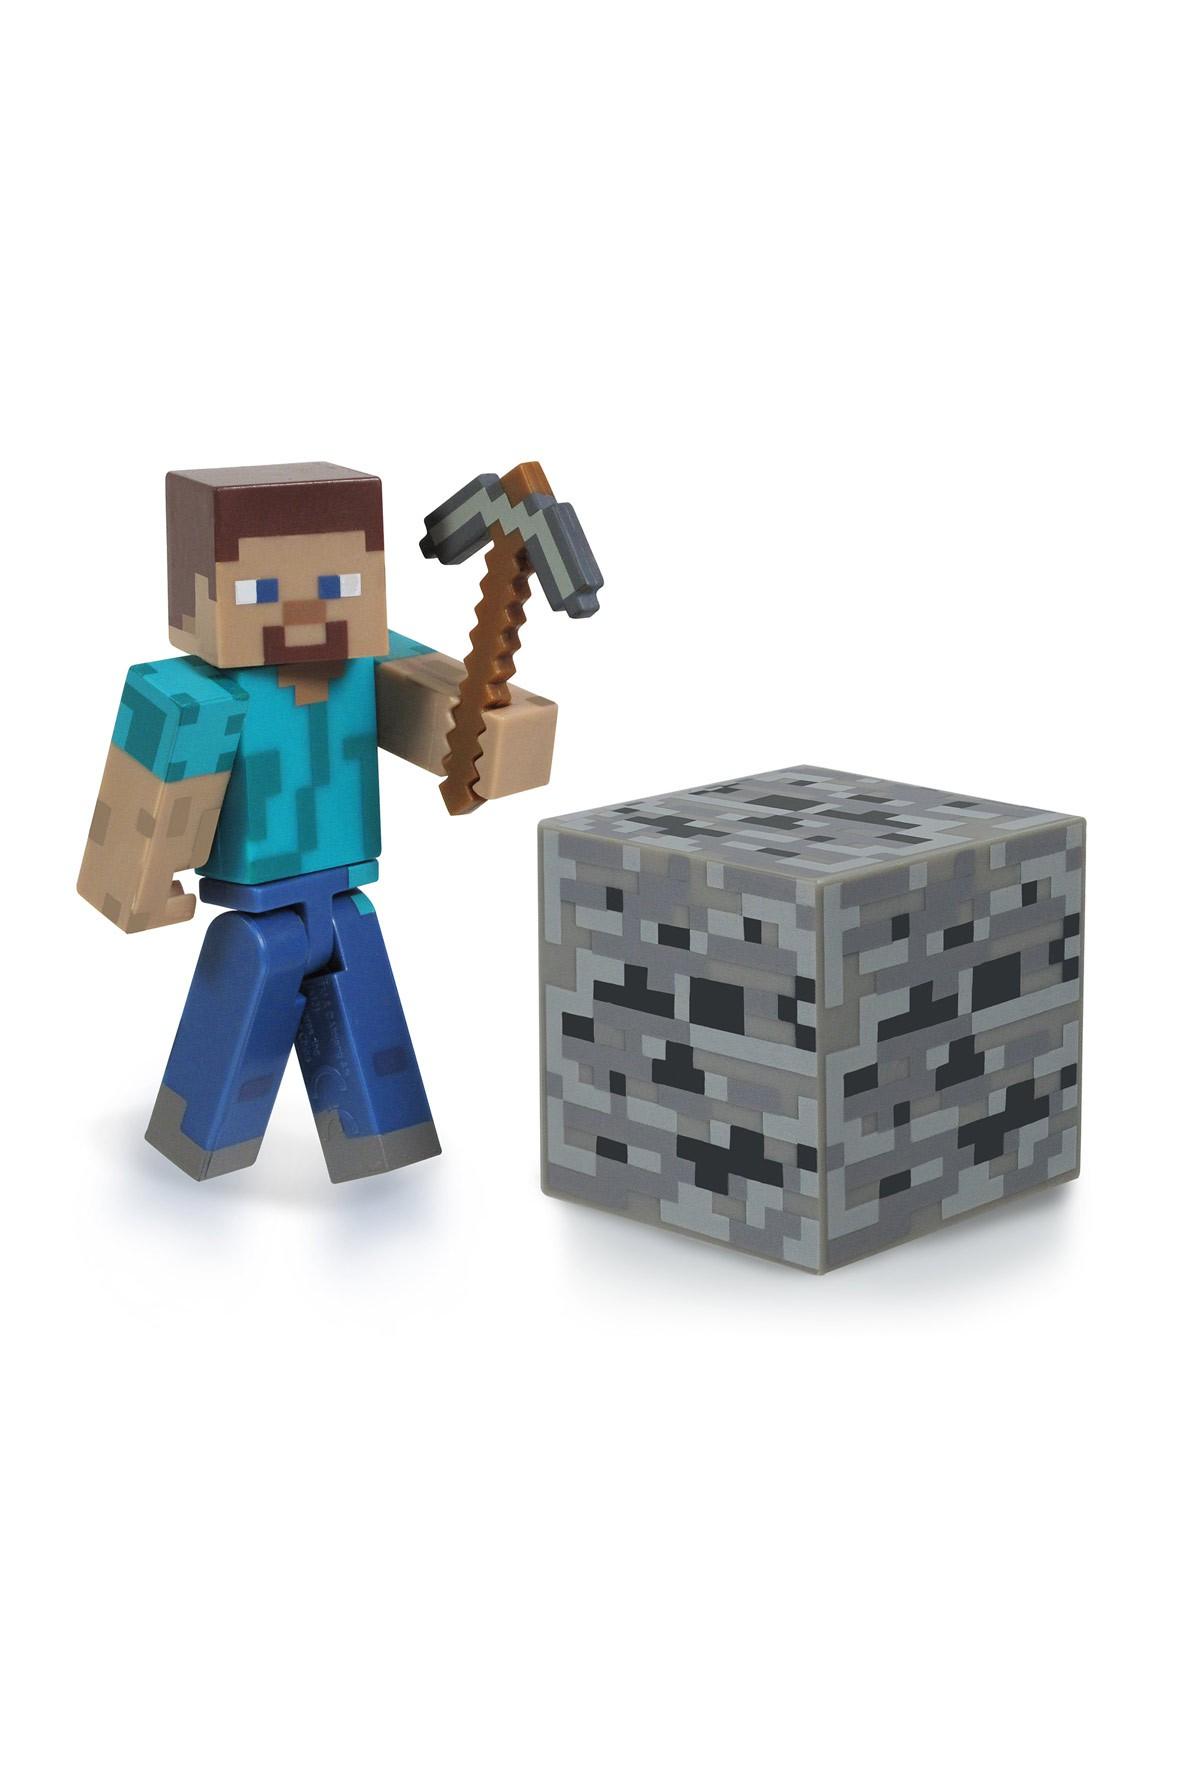 игрушки майнкрафт изображение #1